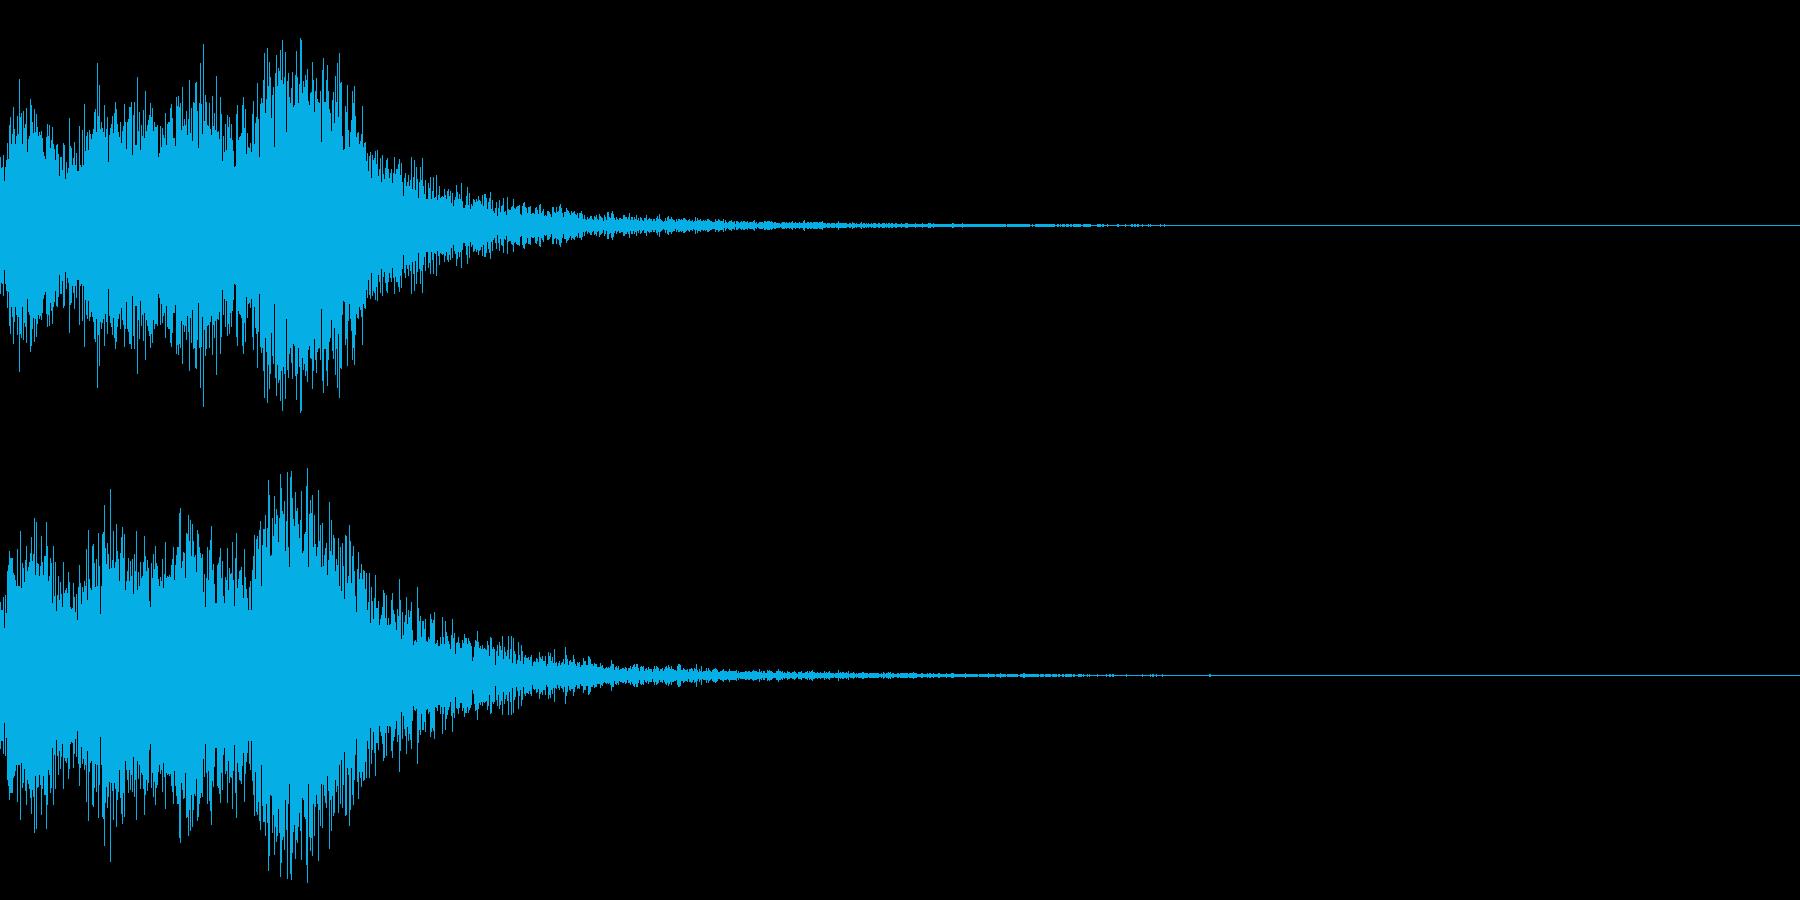 オーケストラヒット ジングル! 03bの再生済みの波形